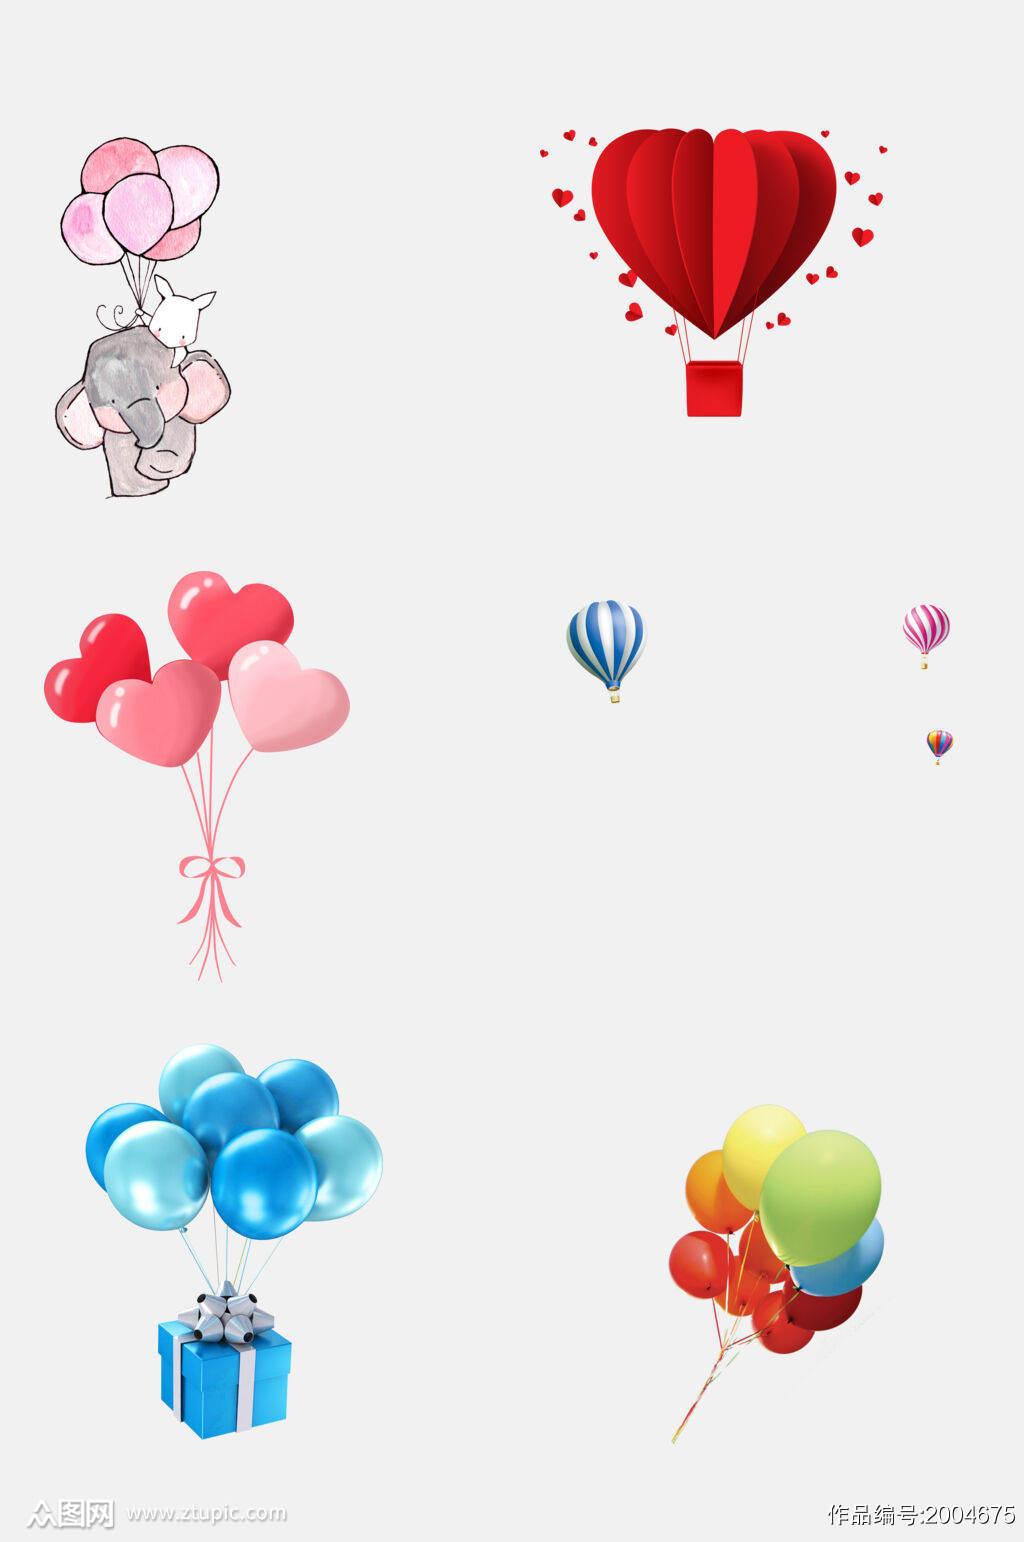 浪漫创意气球免抠元素素材